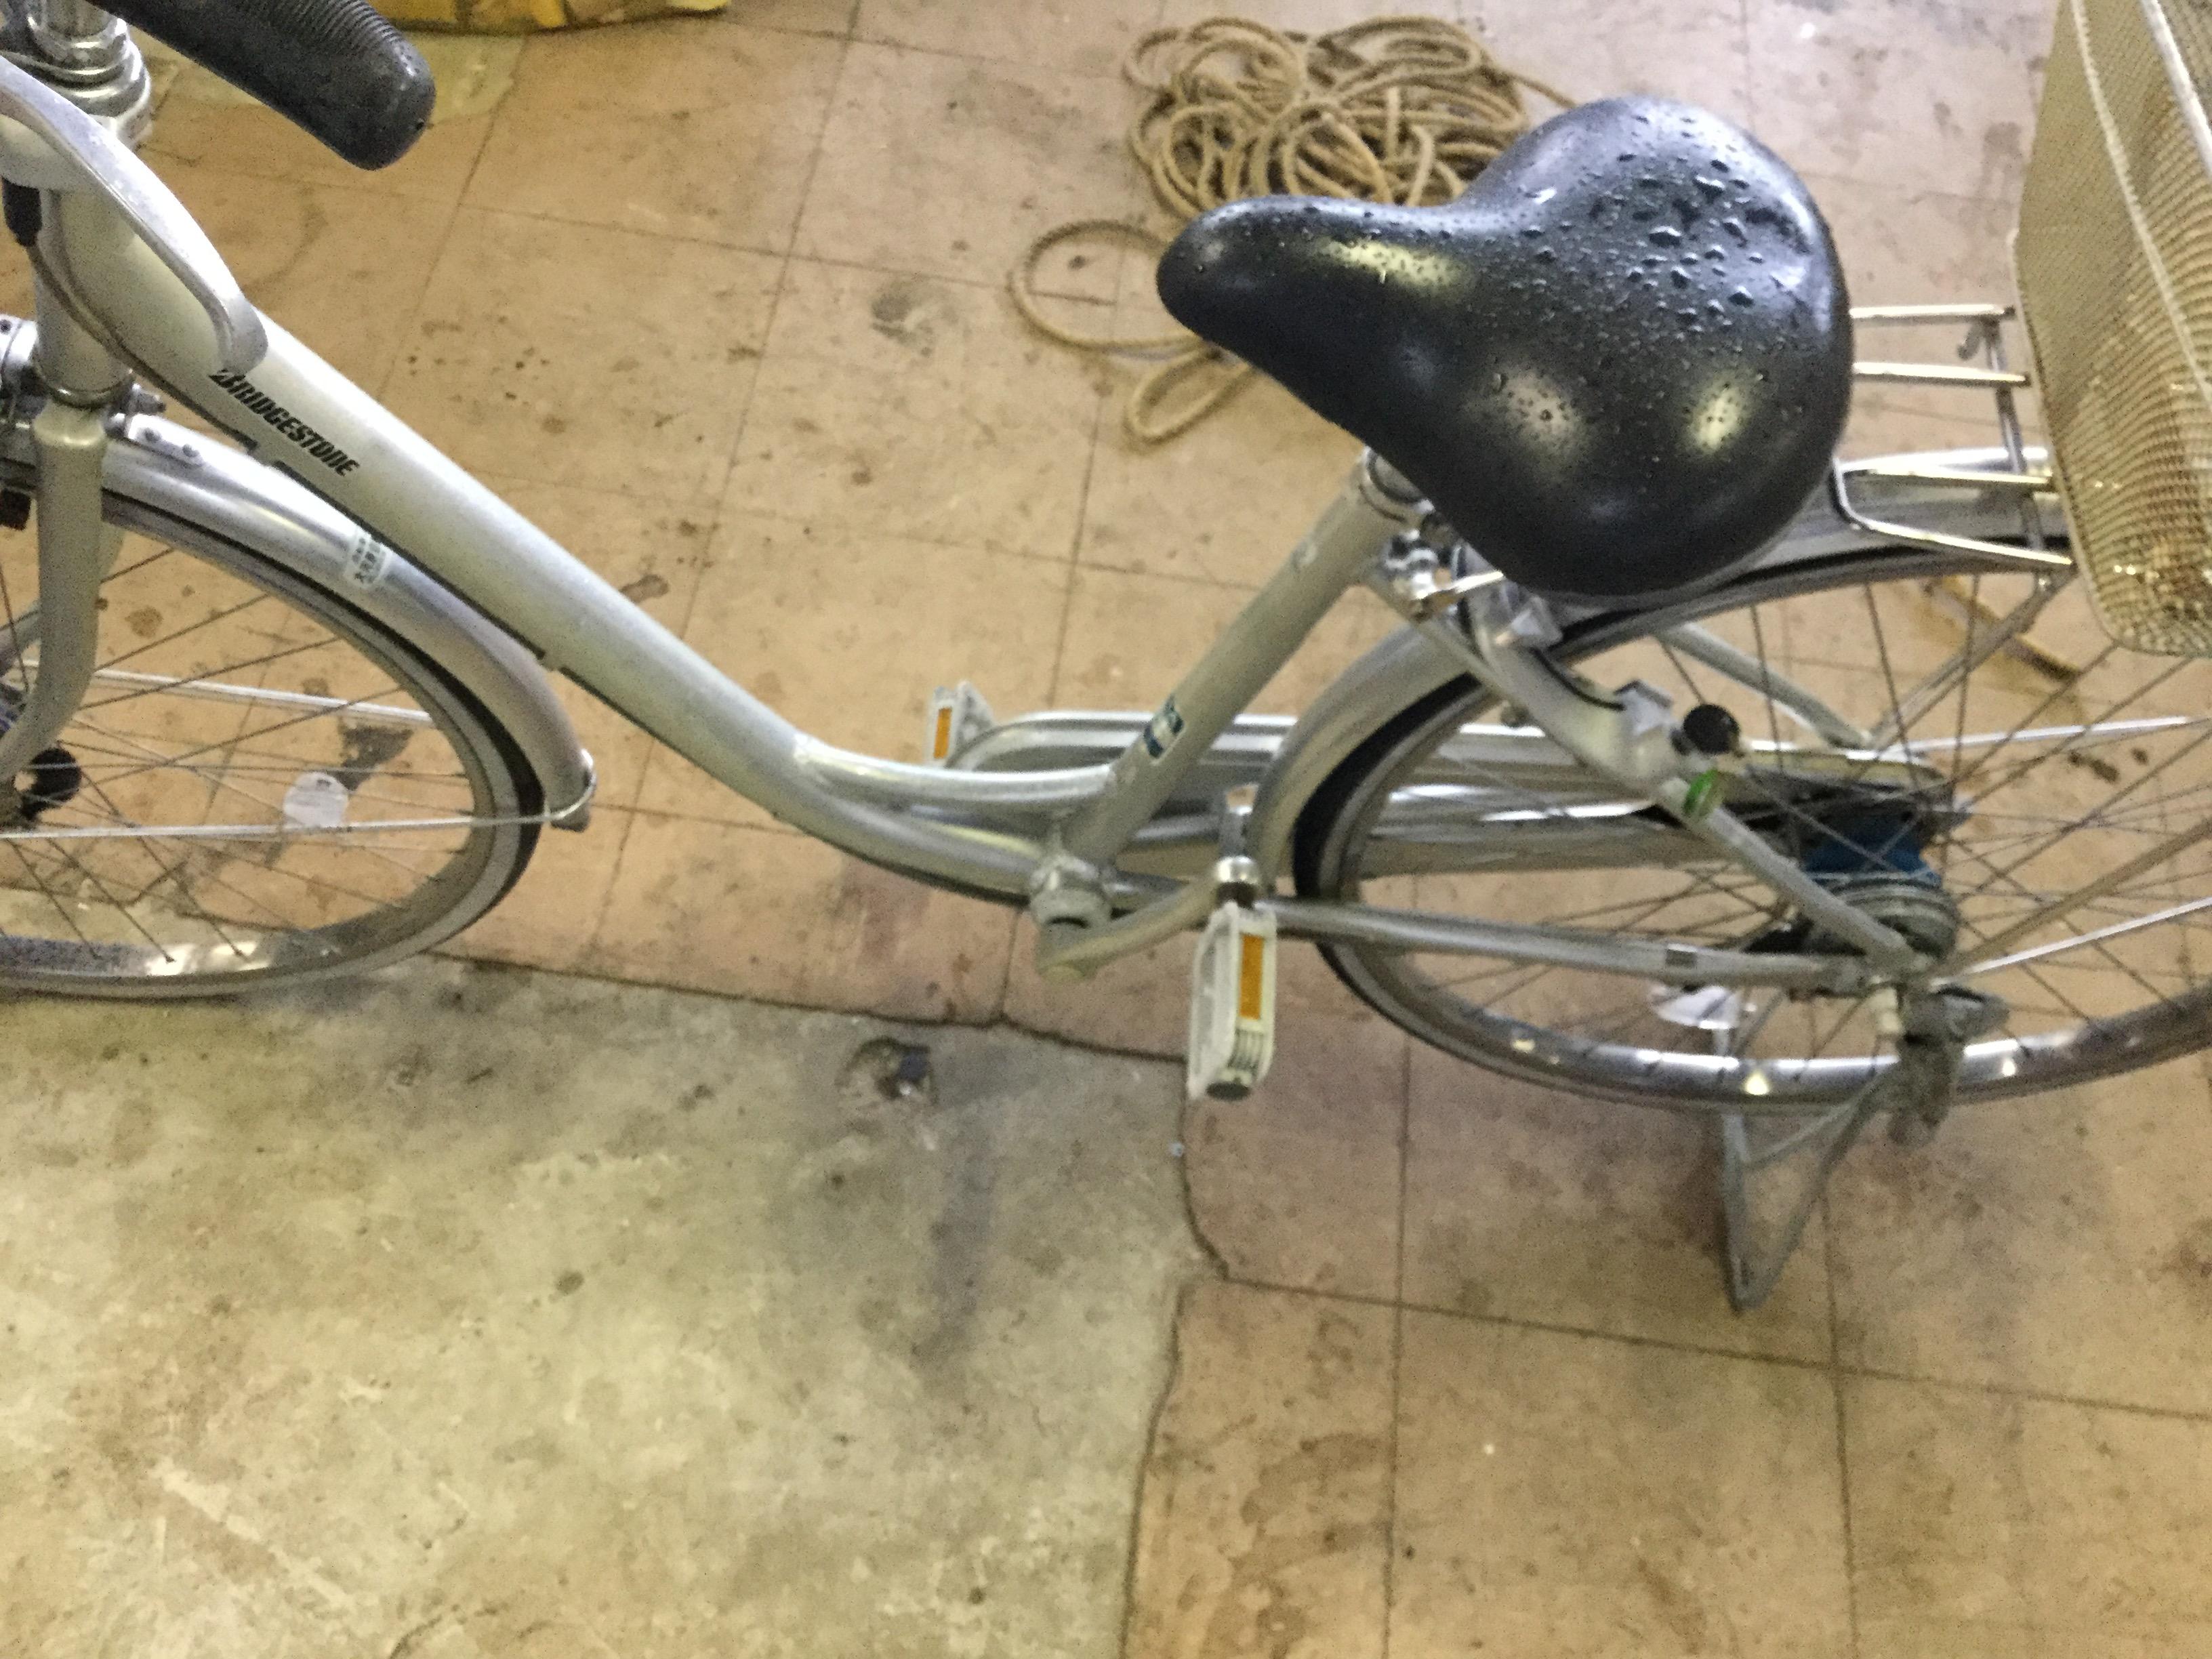 津山市で不用品の回収した自転車